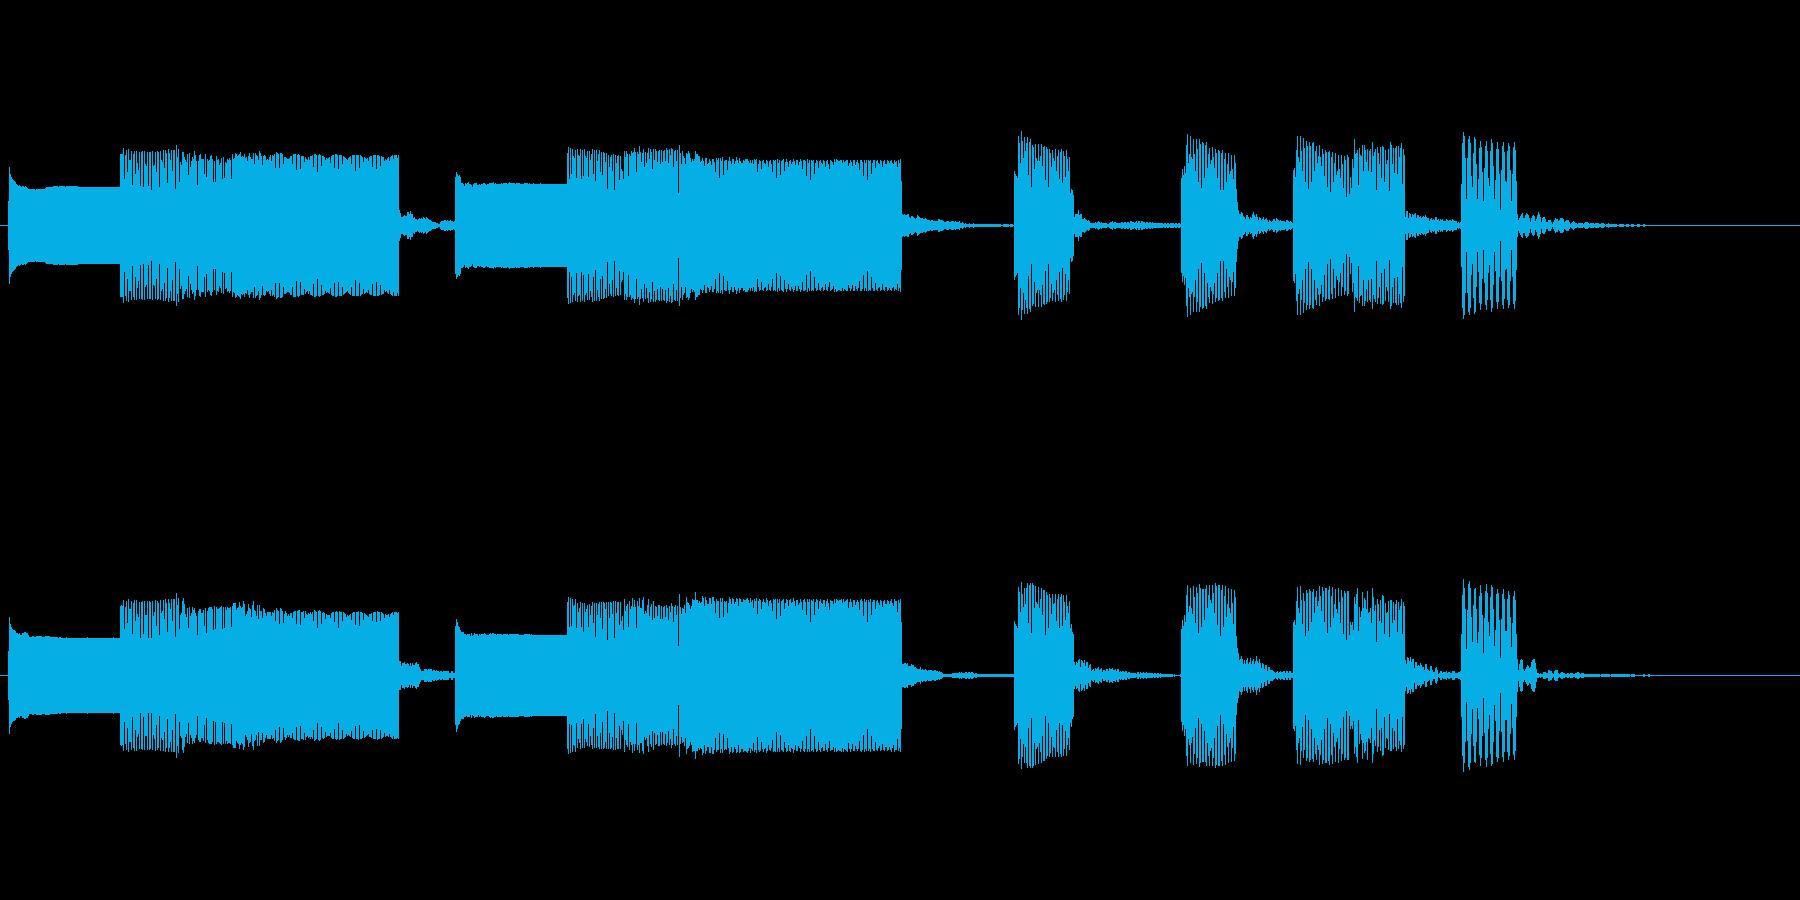 柔らかくレトロな入店音or宿屋風ジングルの再生済みの波形